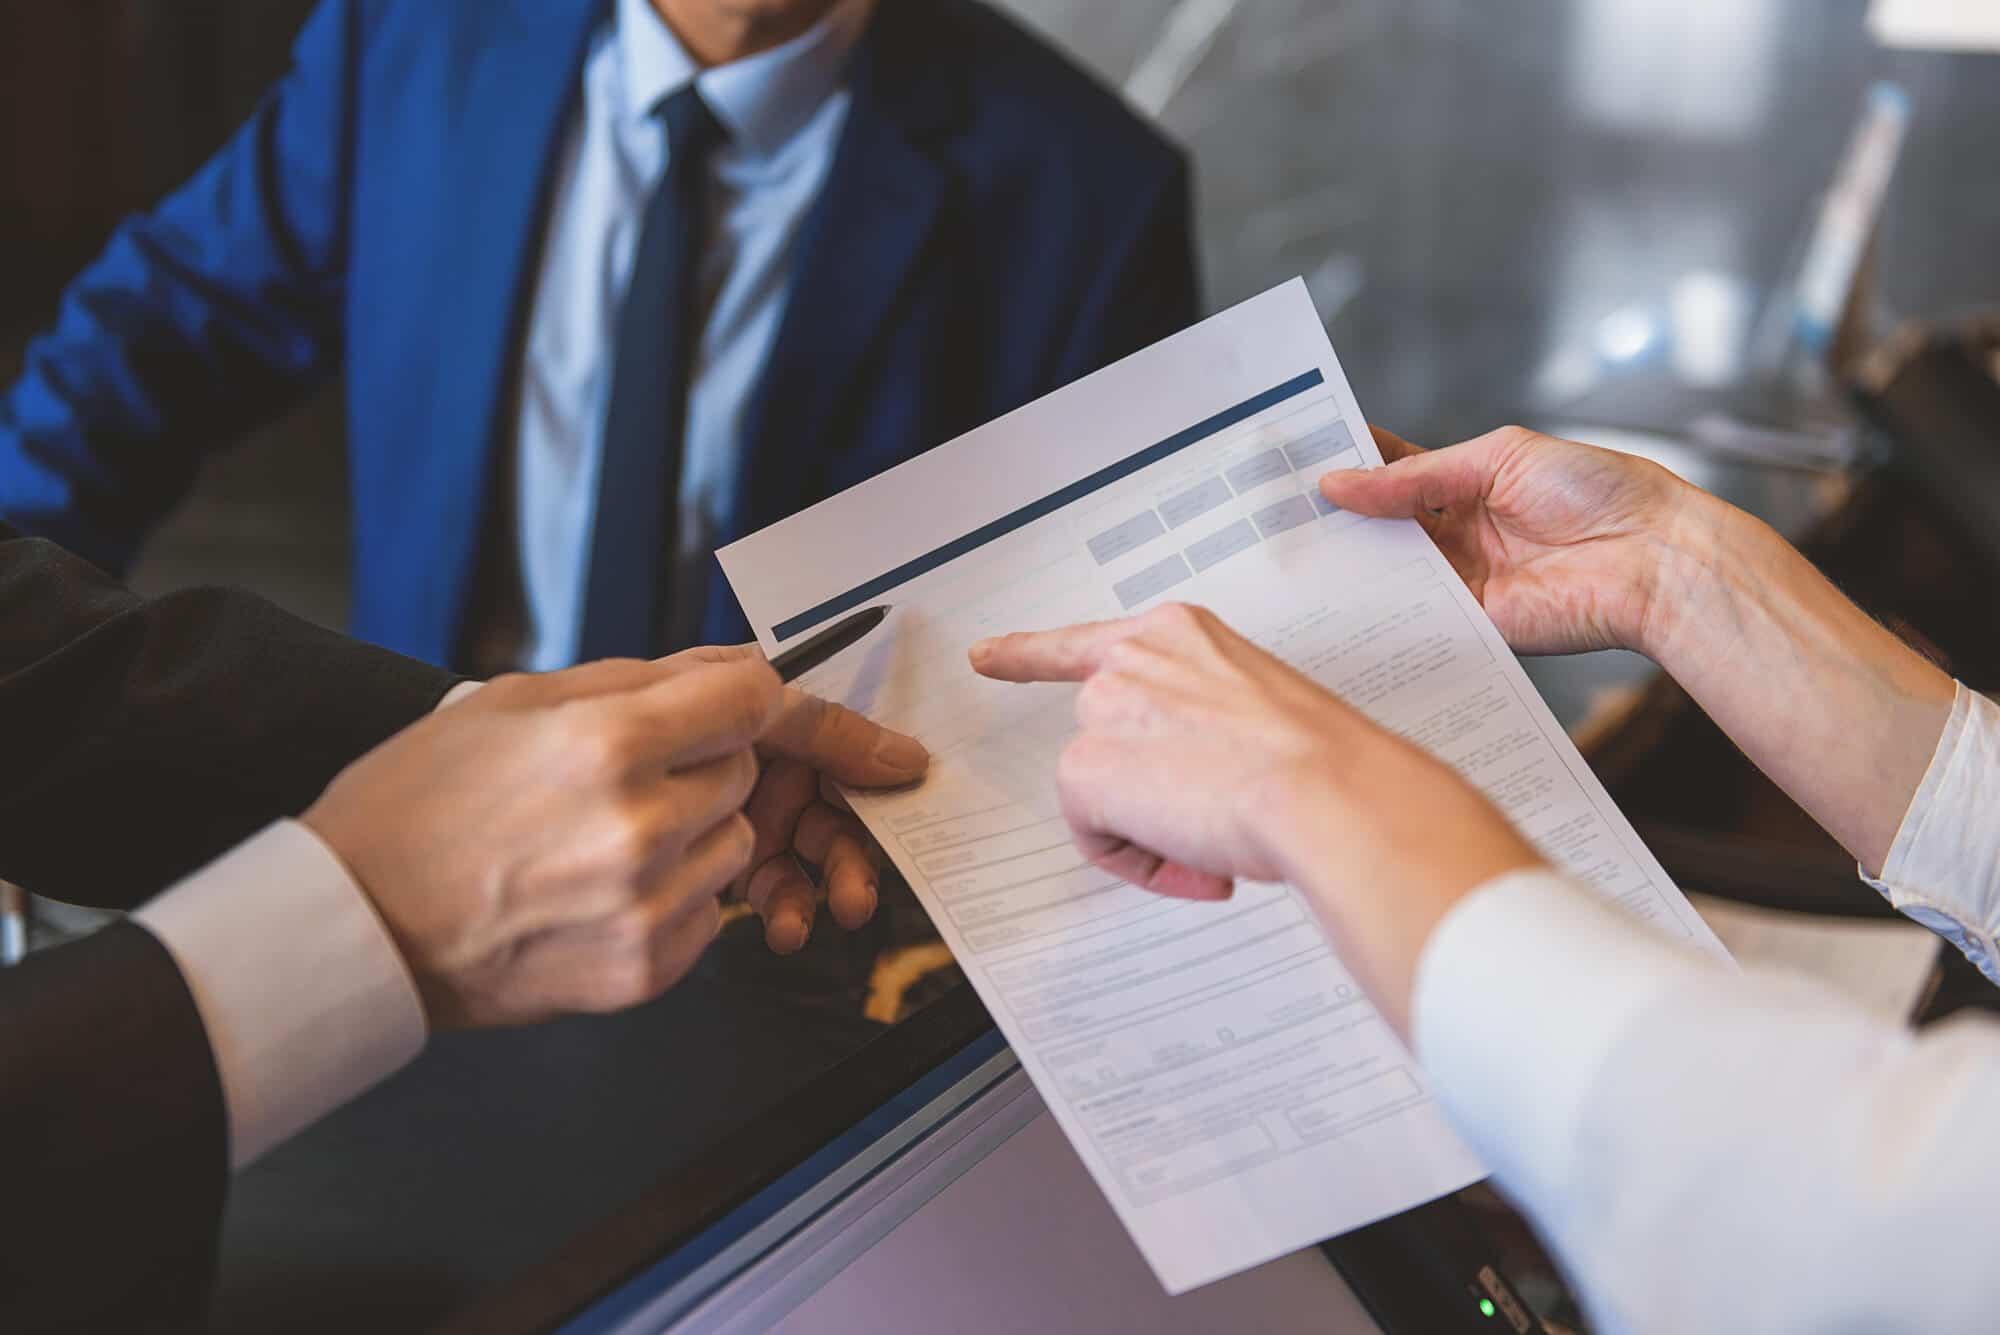 regras e legislação sobre demissão